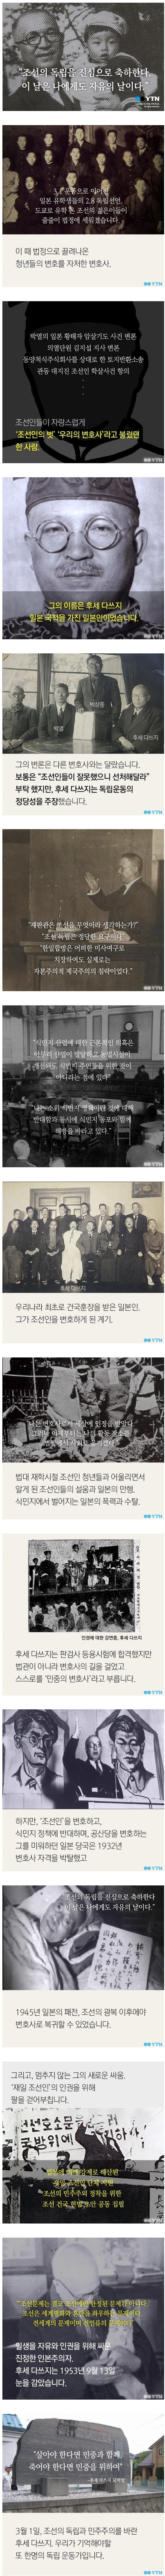 조선을 변호한 일본인 .jpg